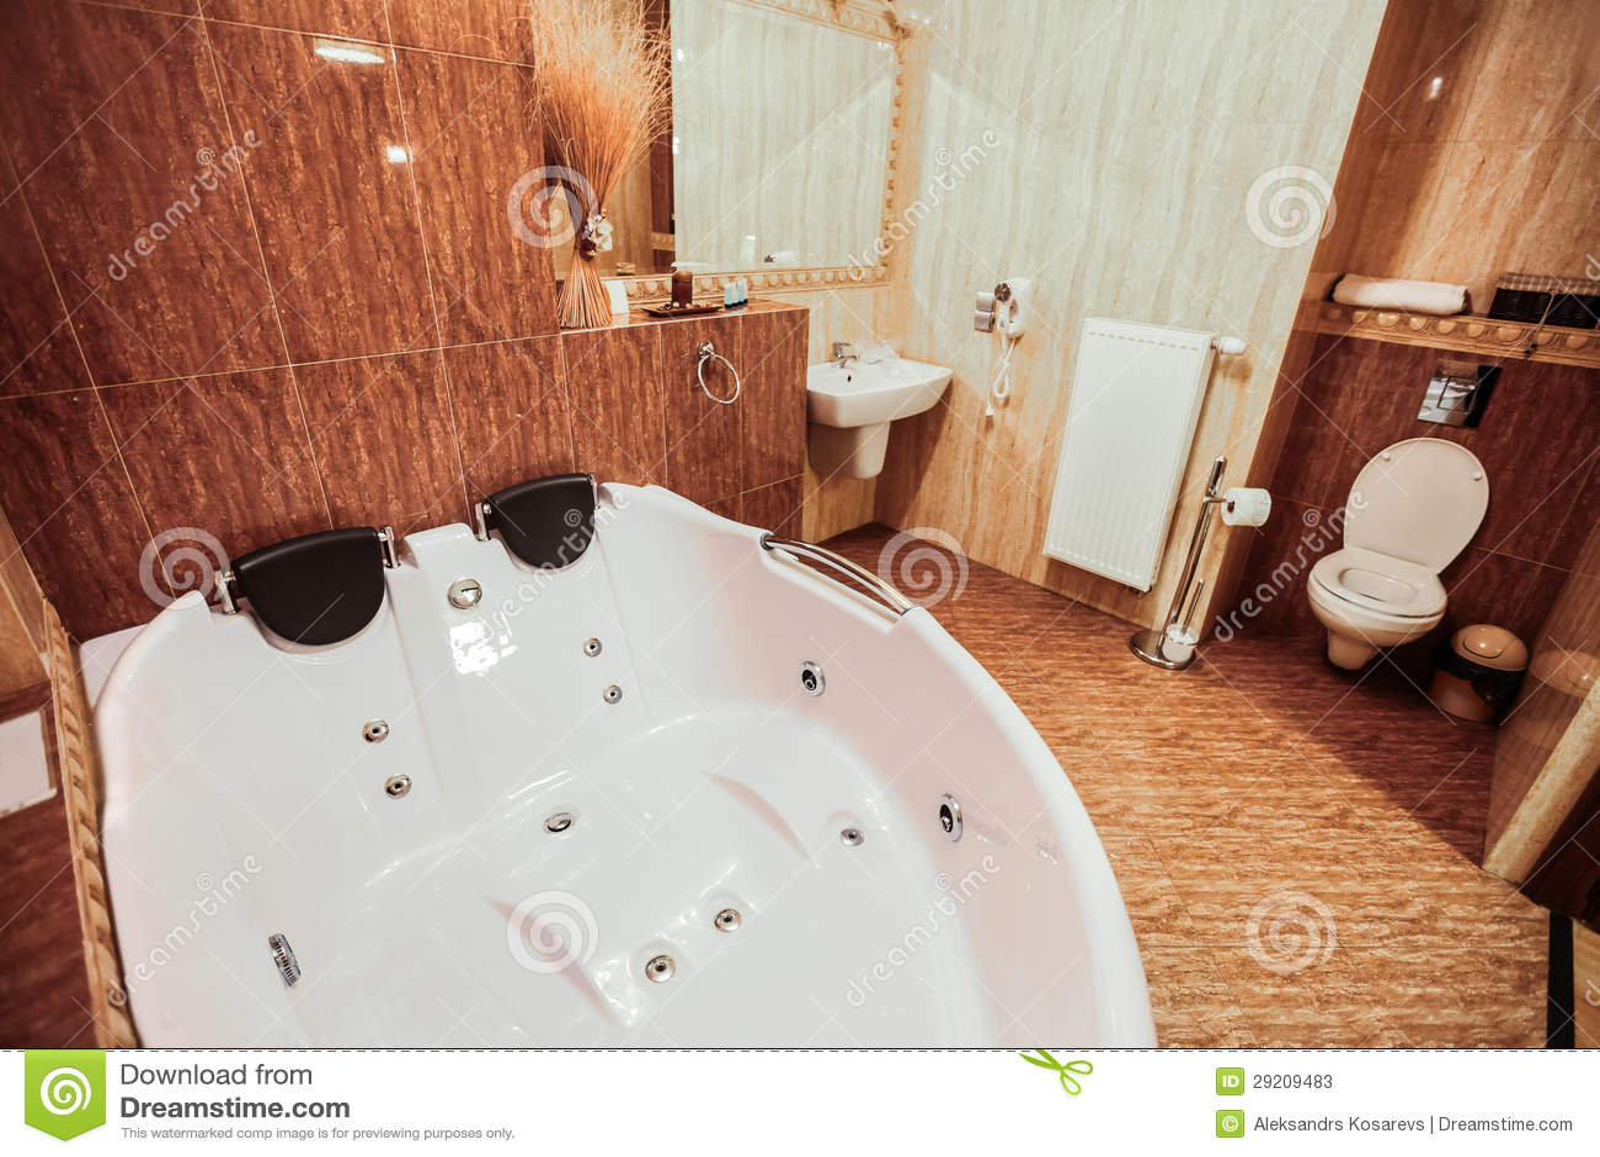 Роскошная ванная комната с исполинским jacuzzi